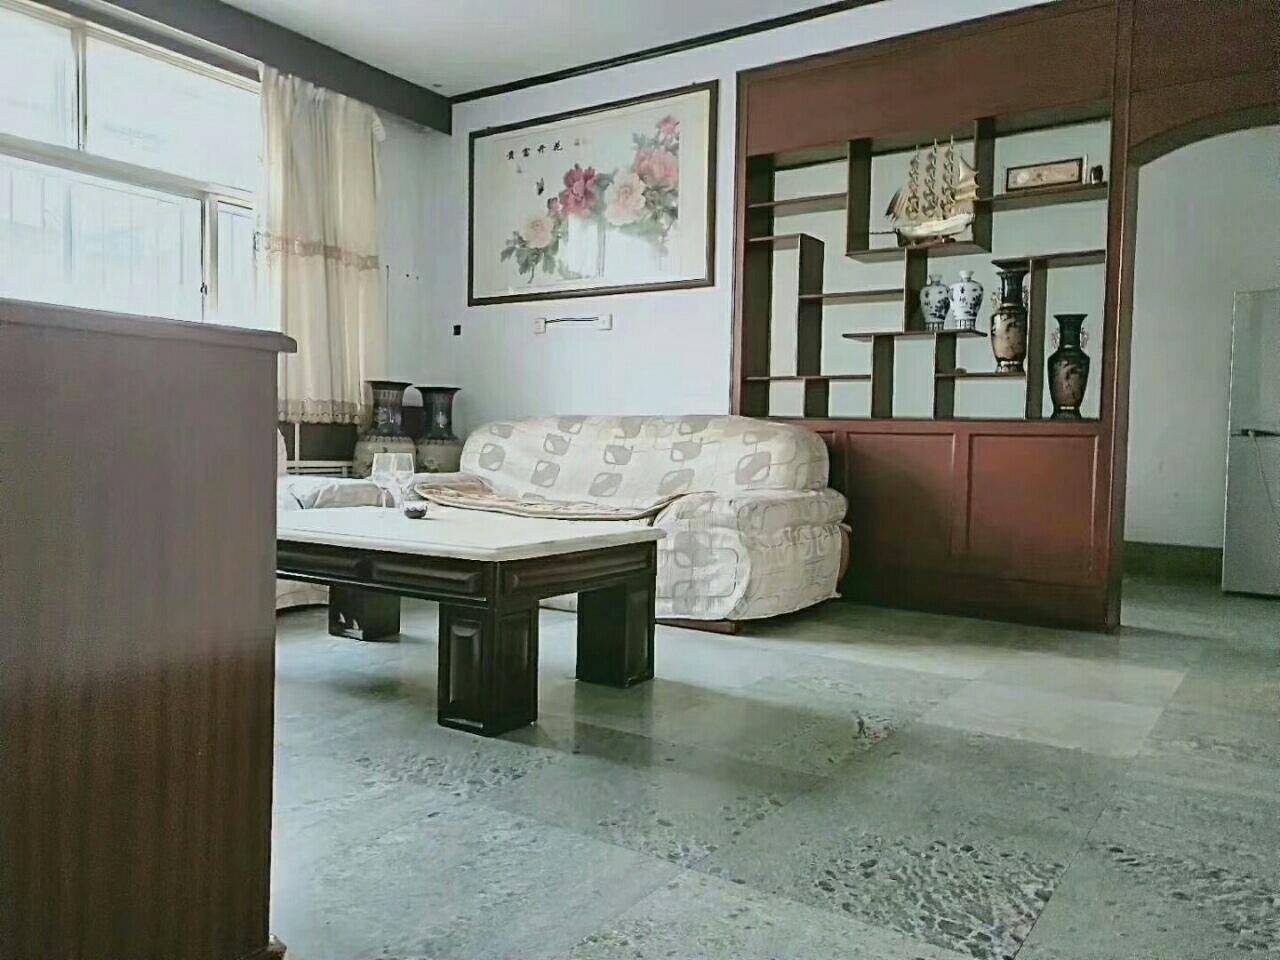 老国土局130平三室二厅带大院子